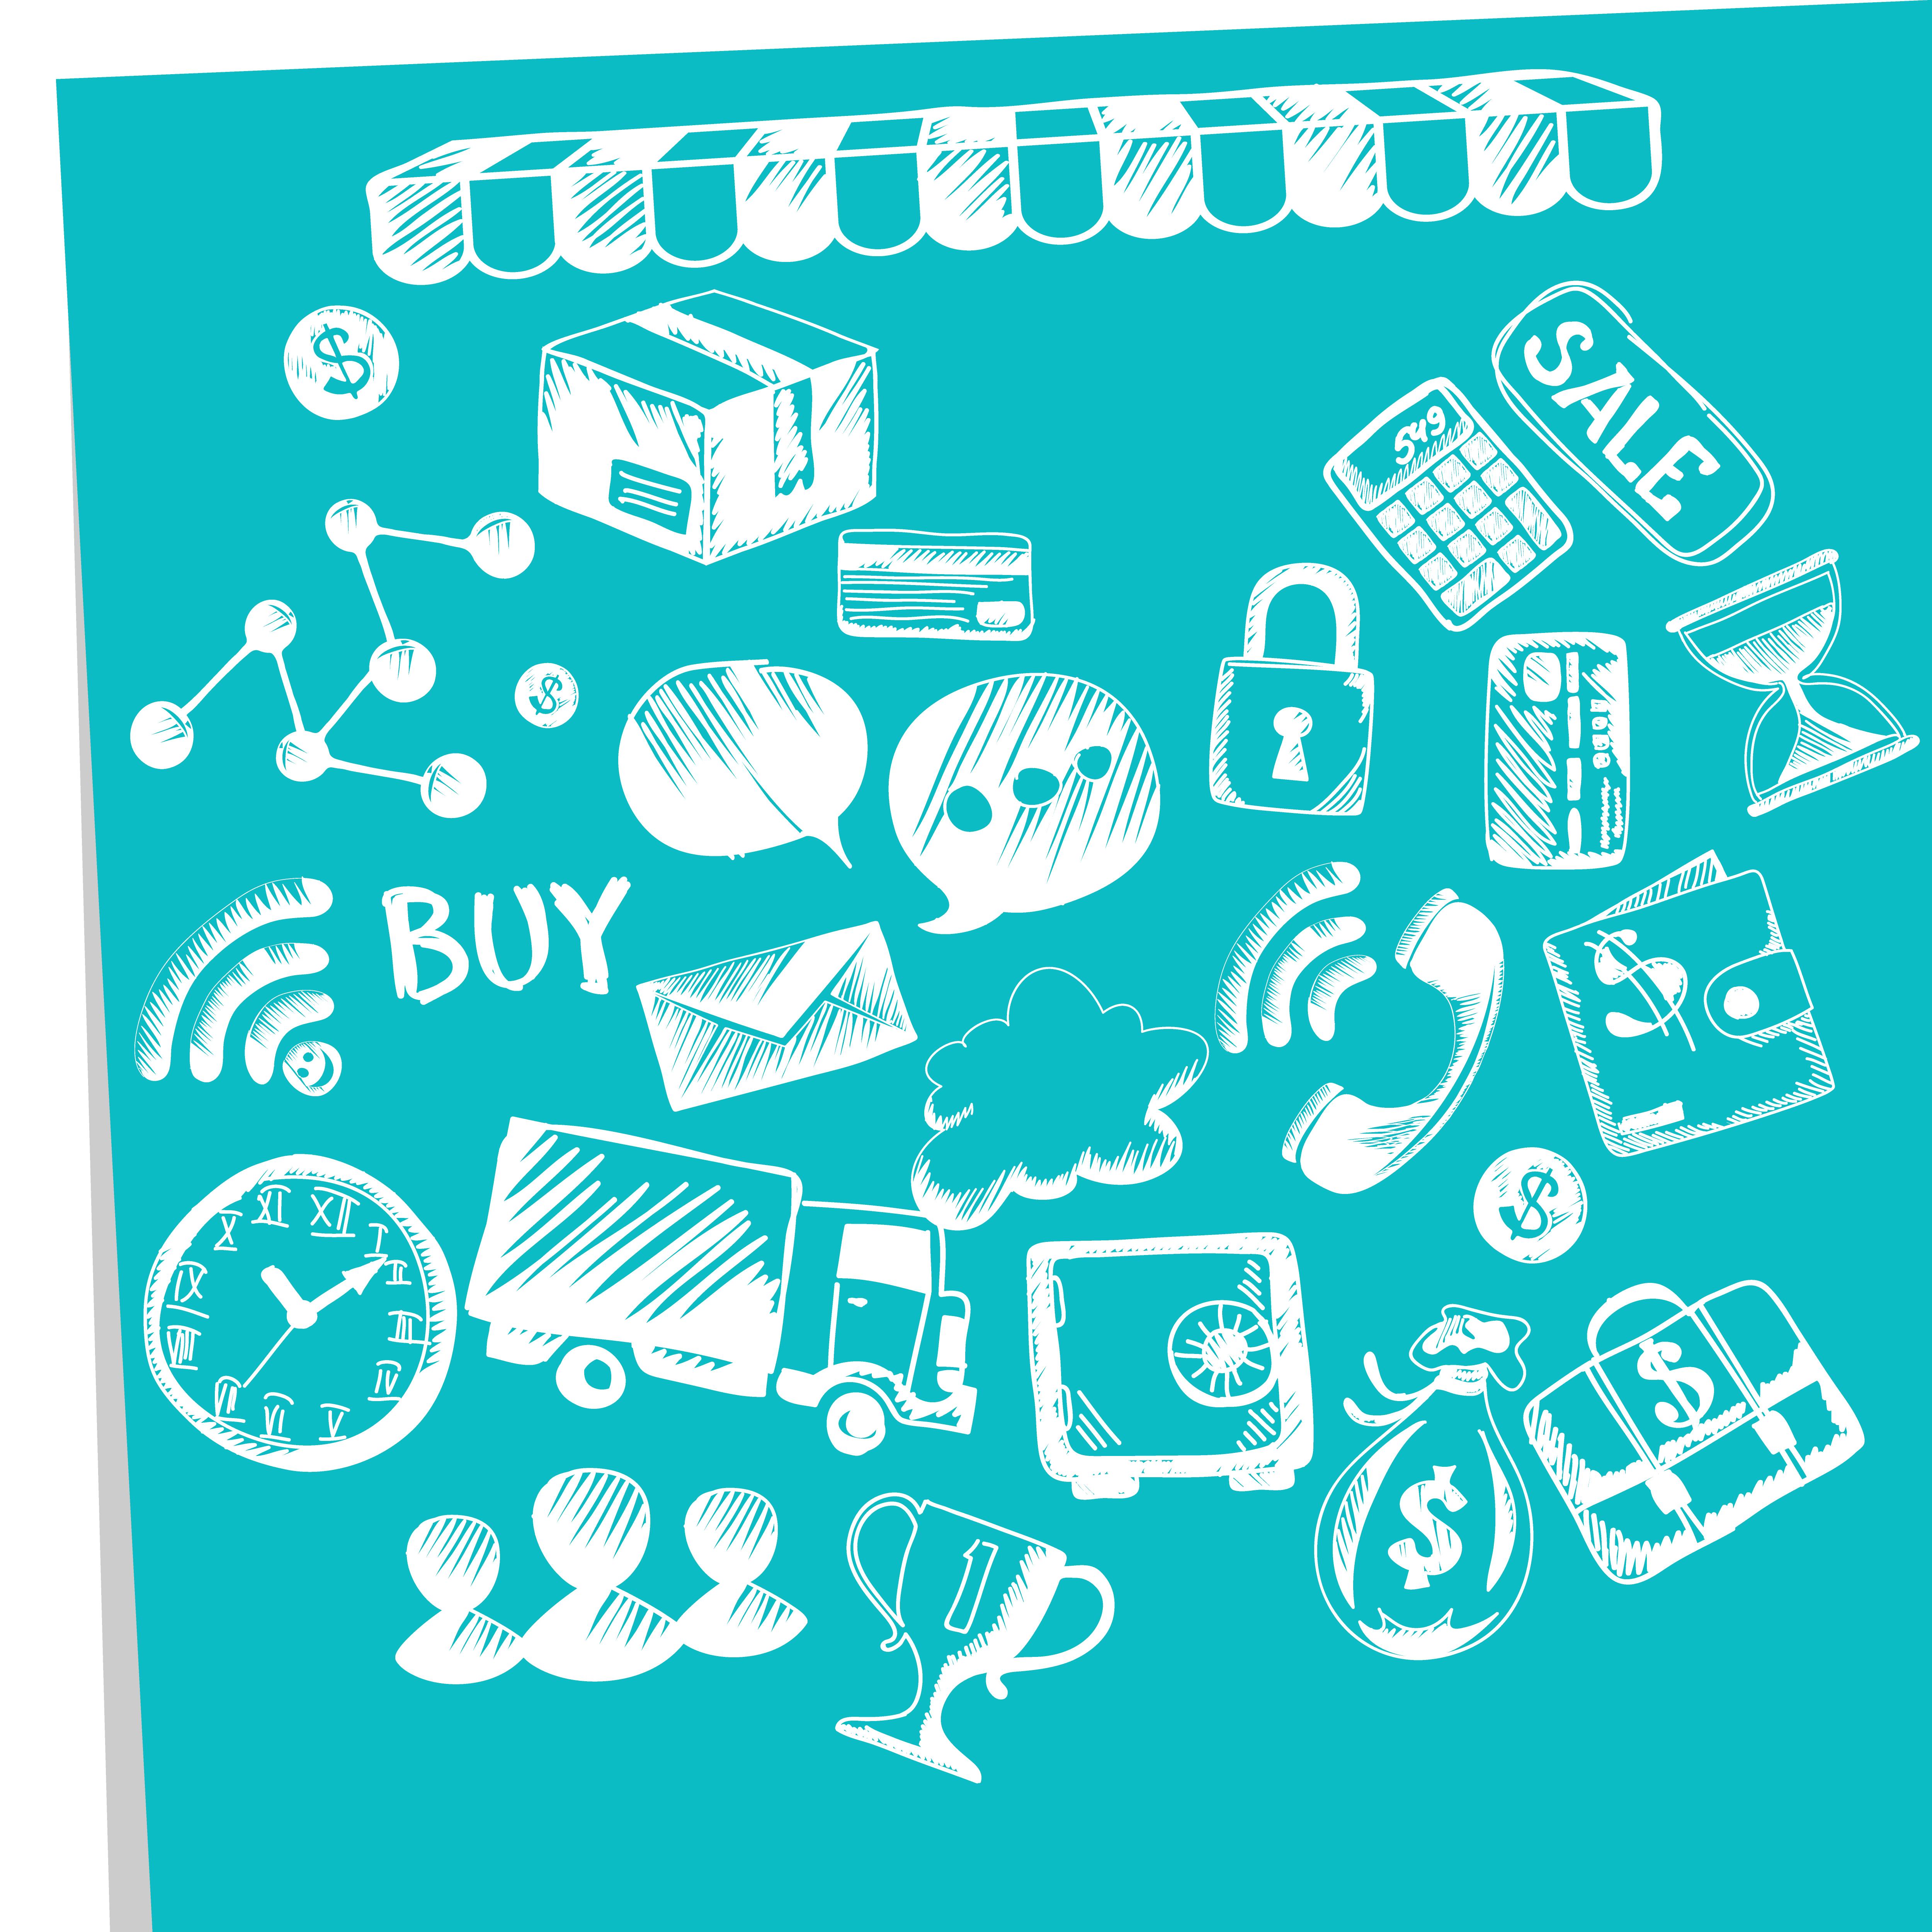 AGB für Onlineshop erstellen lassen